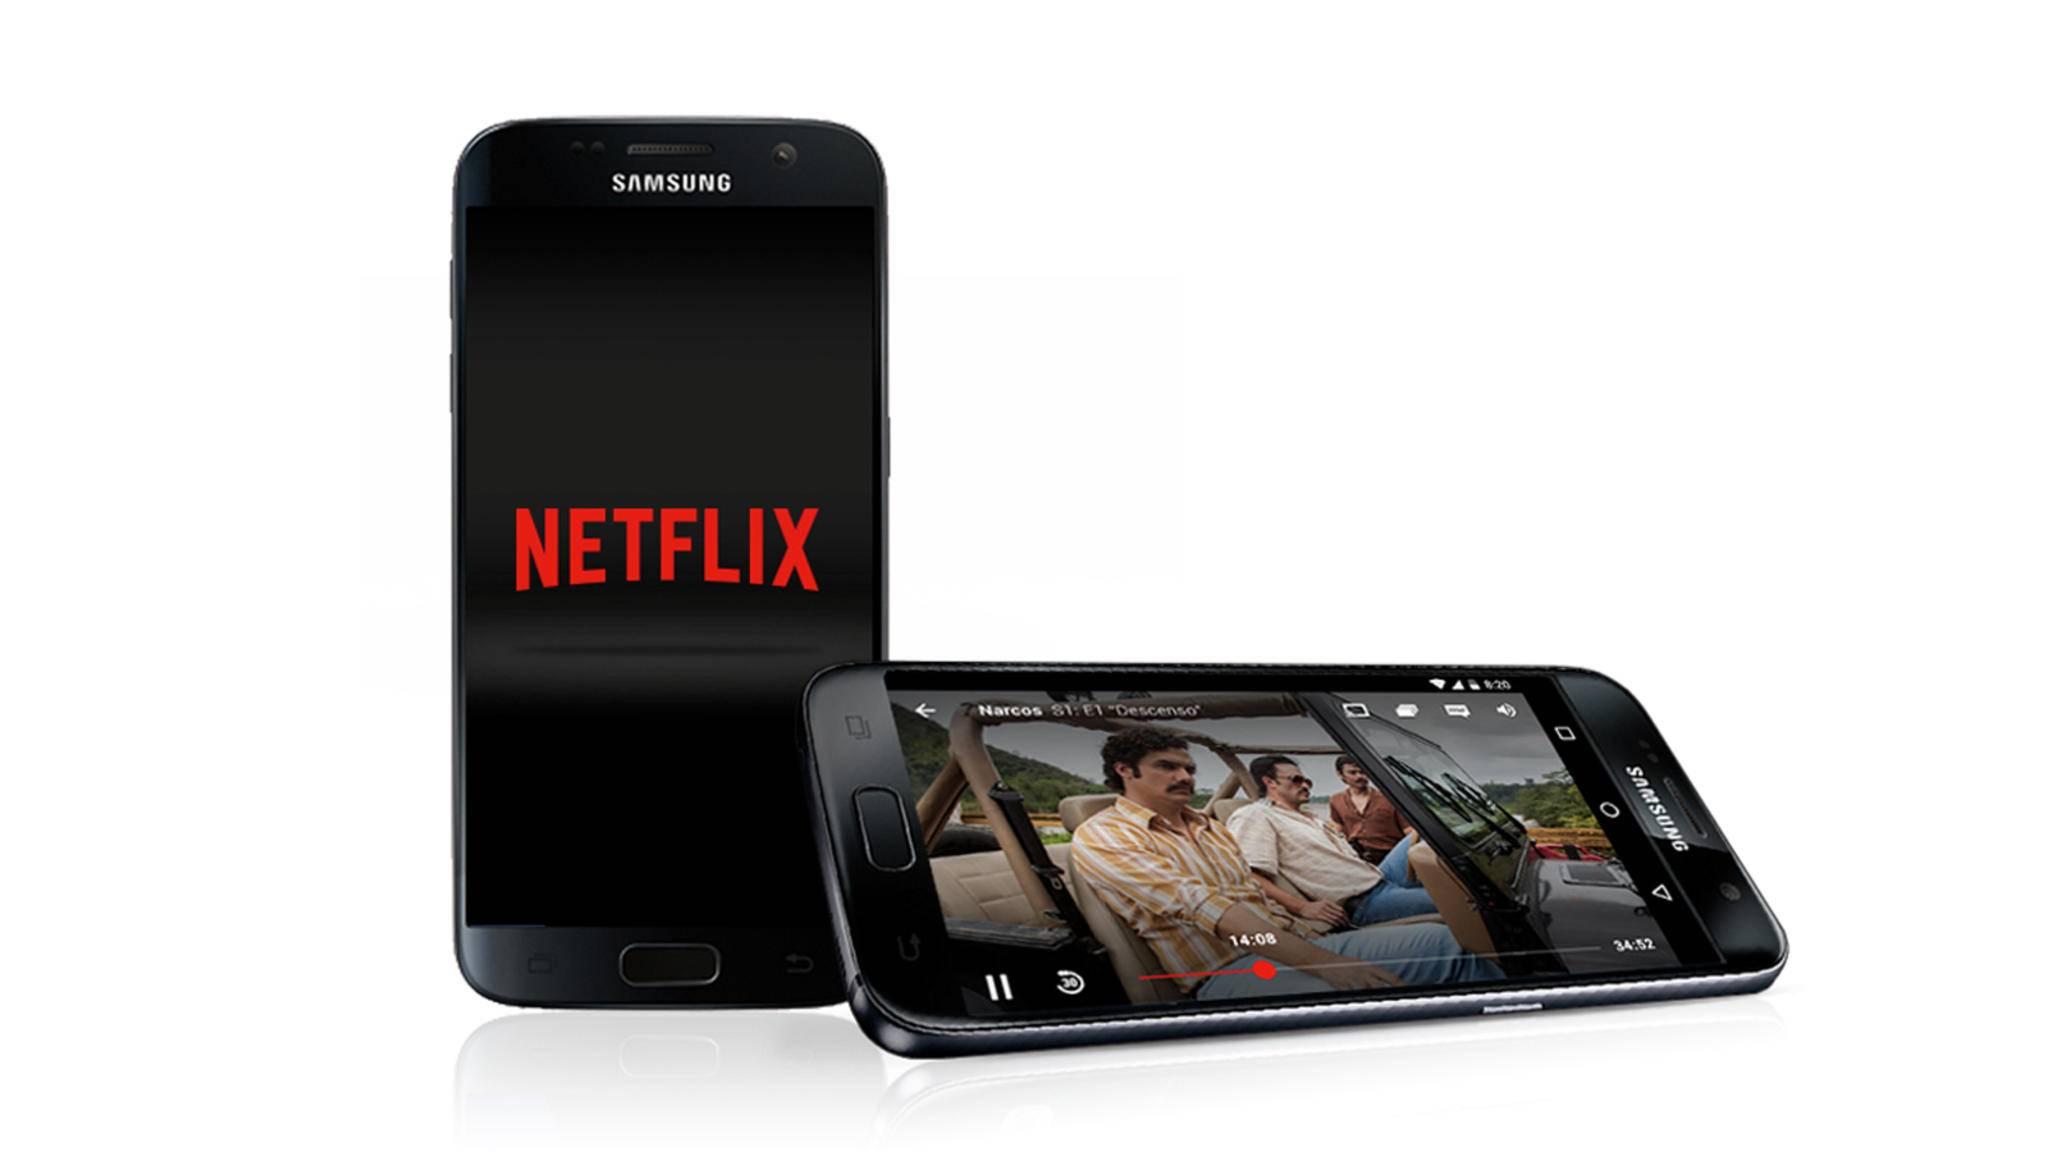 Weniger Datenverbrauch bei besserer Qualität: Ein Update der Netflix-App macht's möglich.